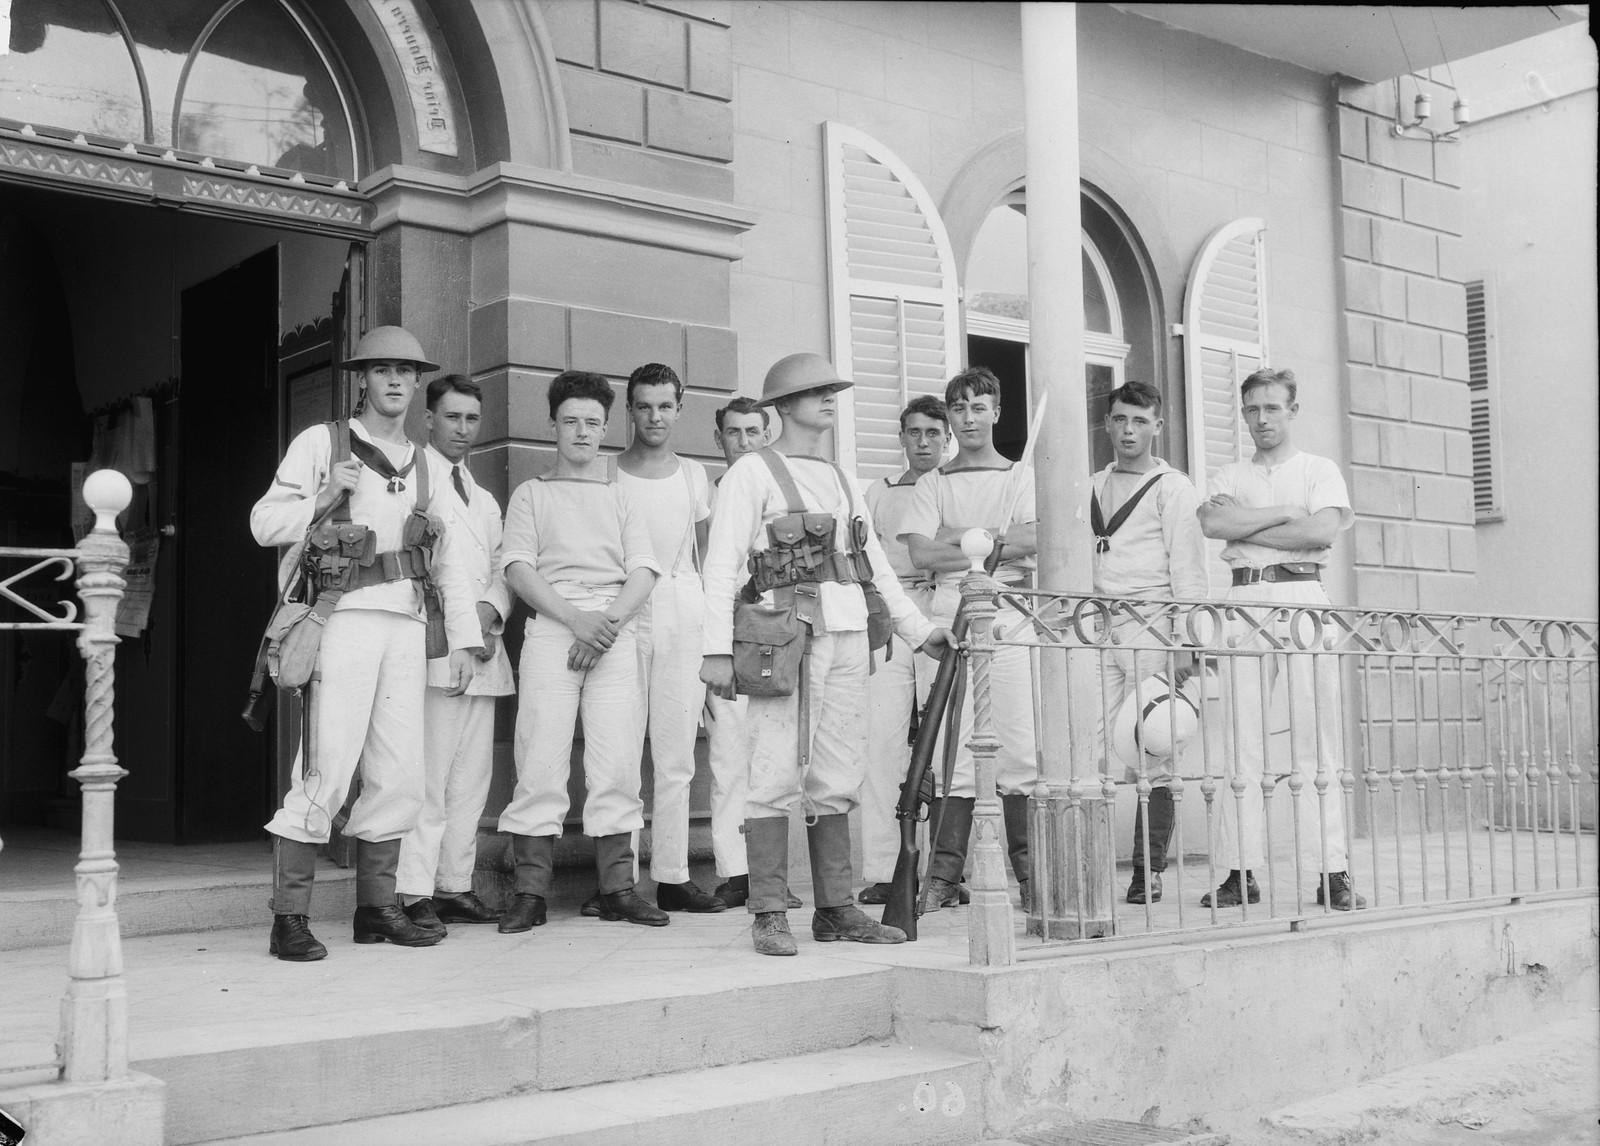 21. 23–31 августа. Британские морские пехотинцы в Яффо у входа в отель, где они были расквартированы